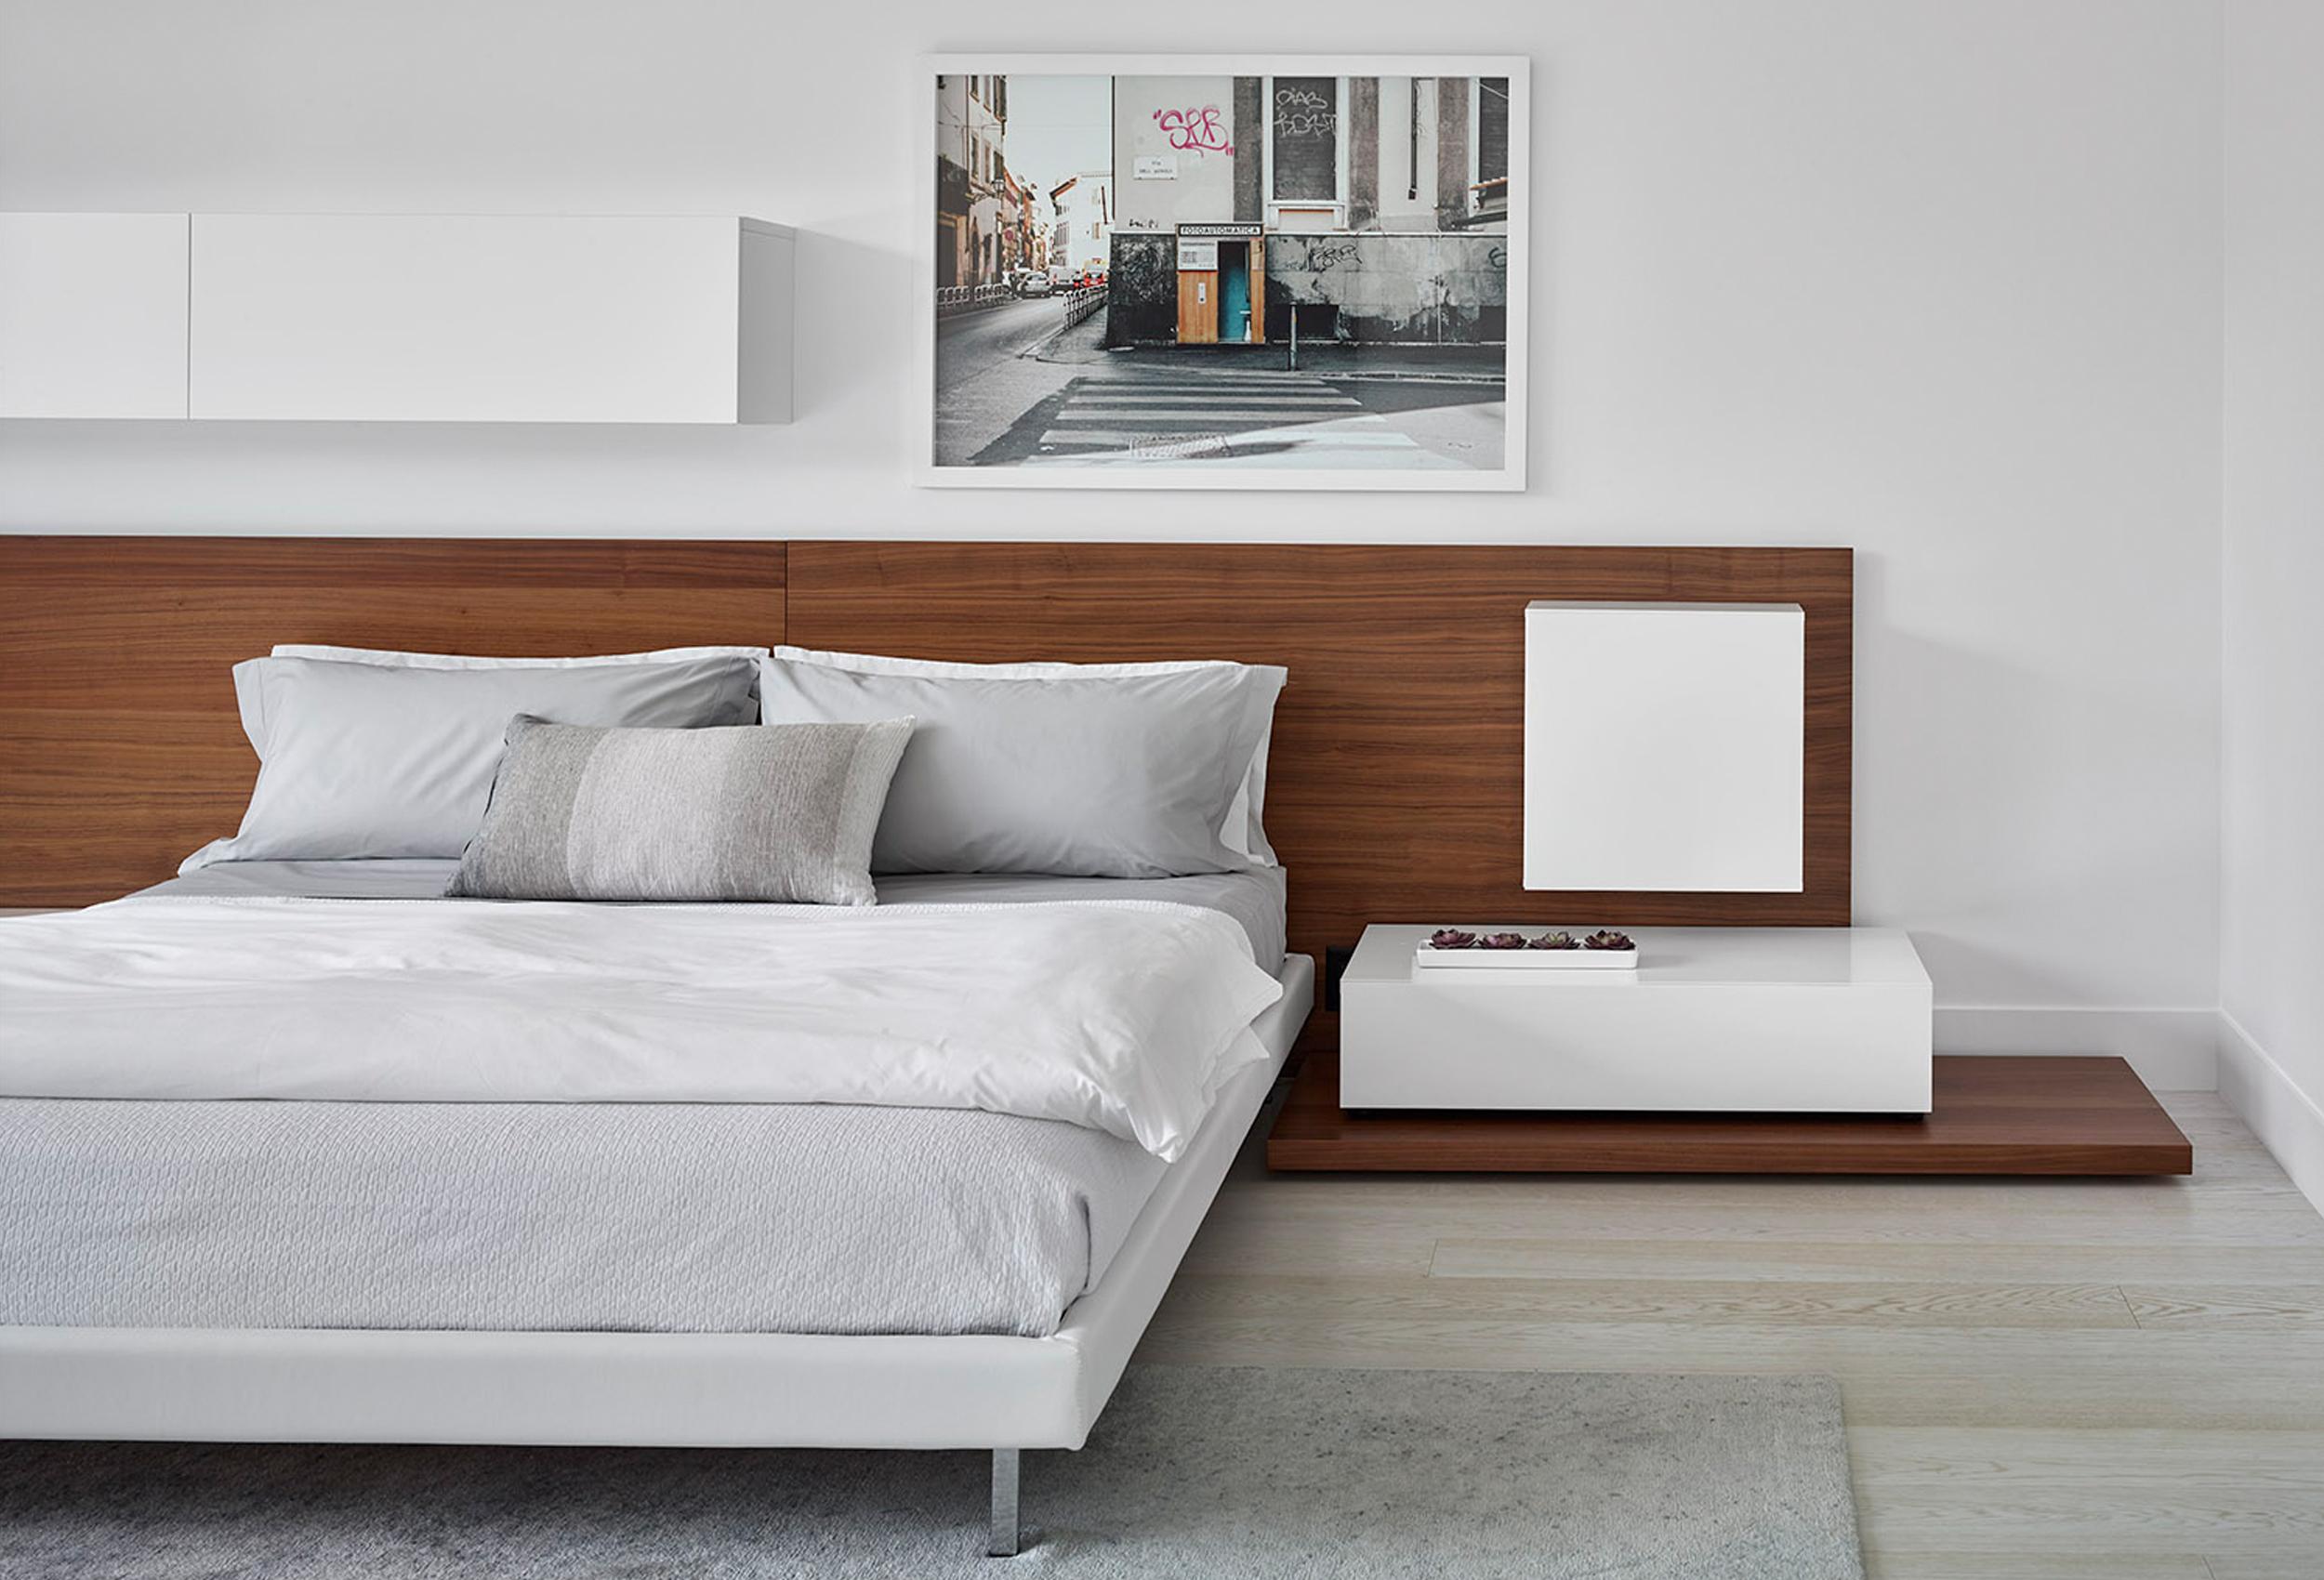 Oni-One-Residential-Bedroom-Art.jpg